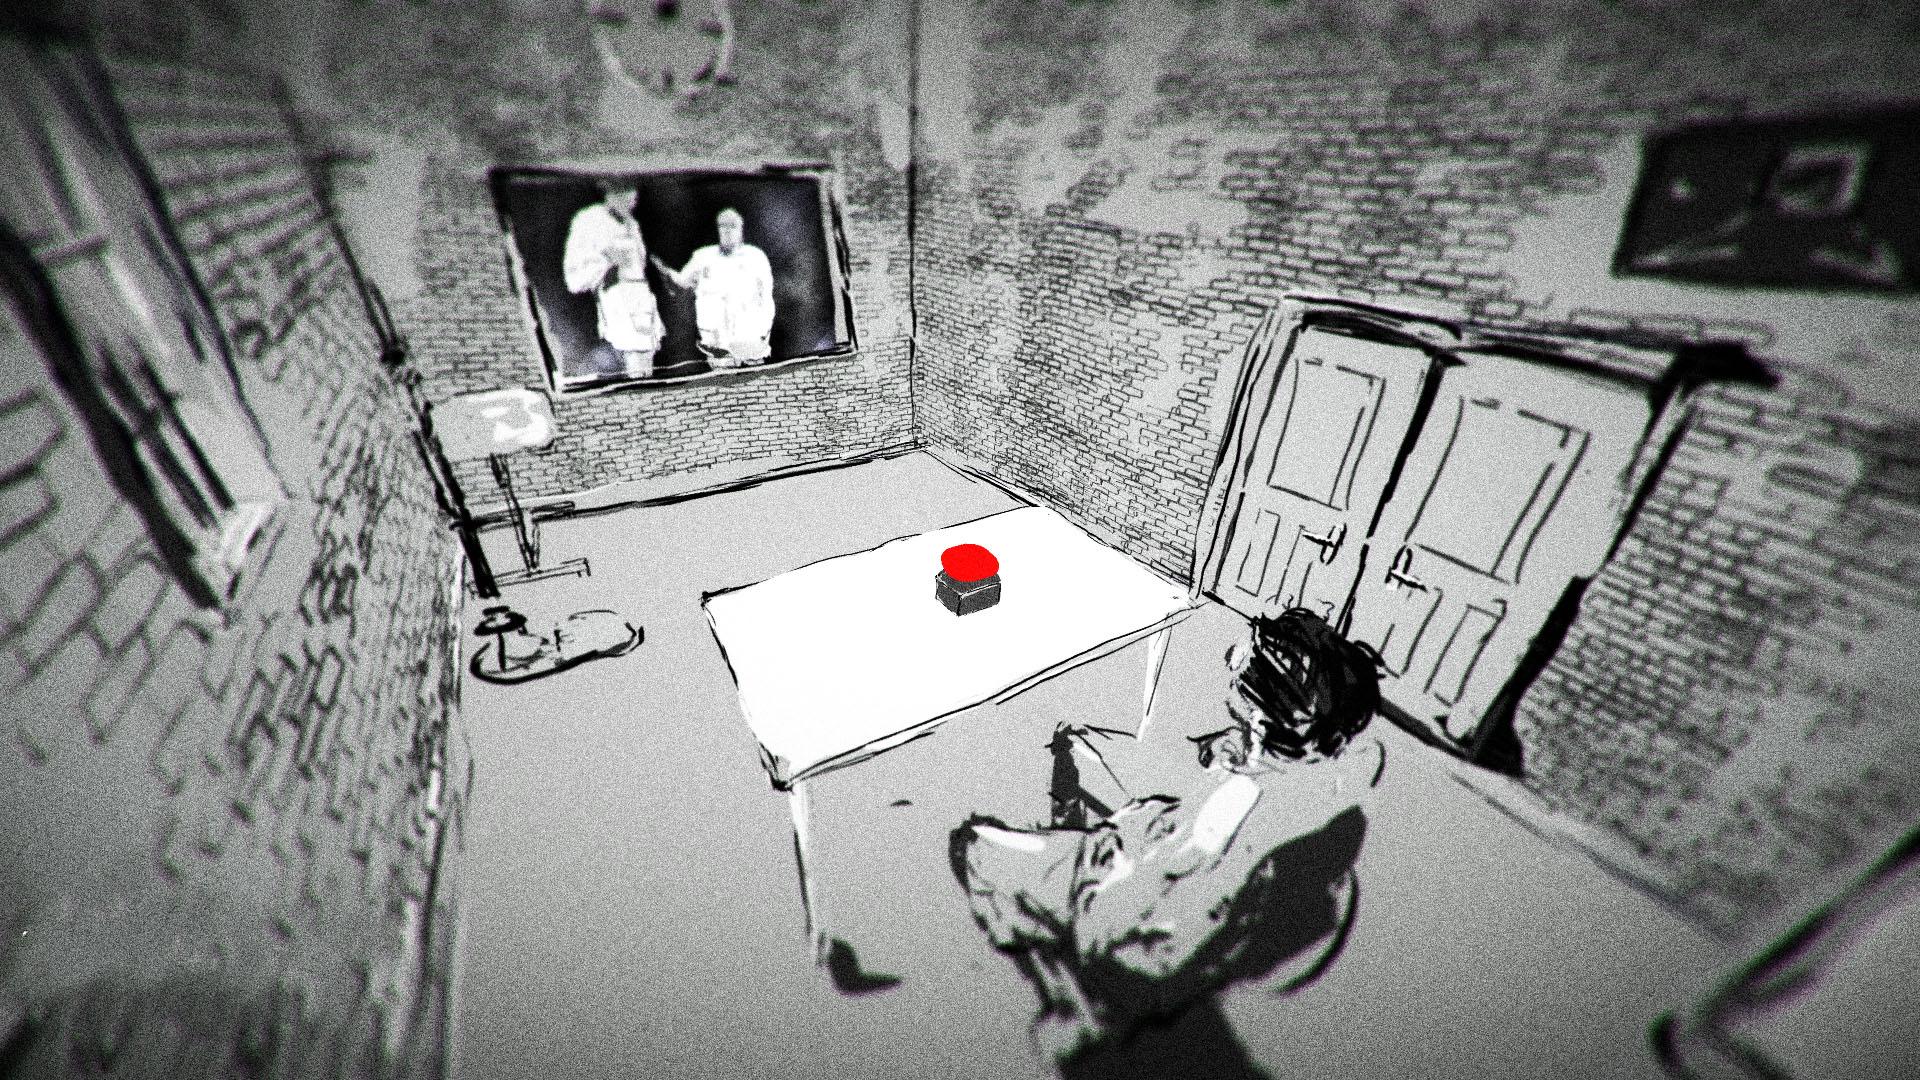 Porton Down by Callum Cooper at Venice VR